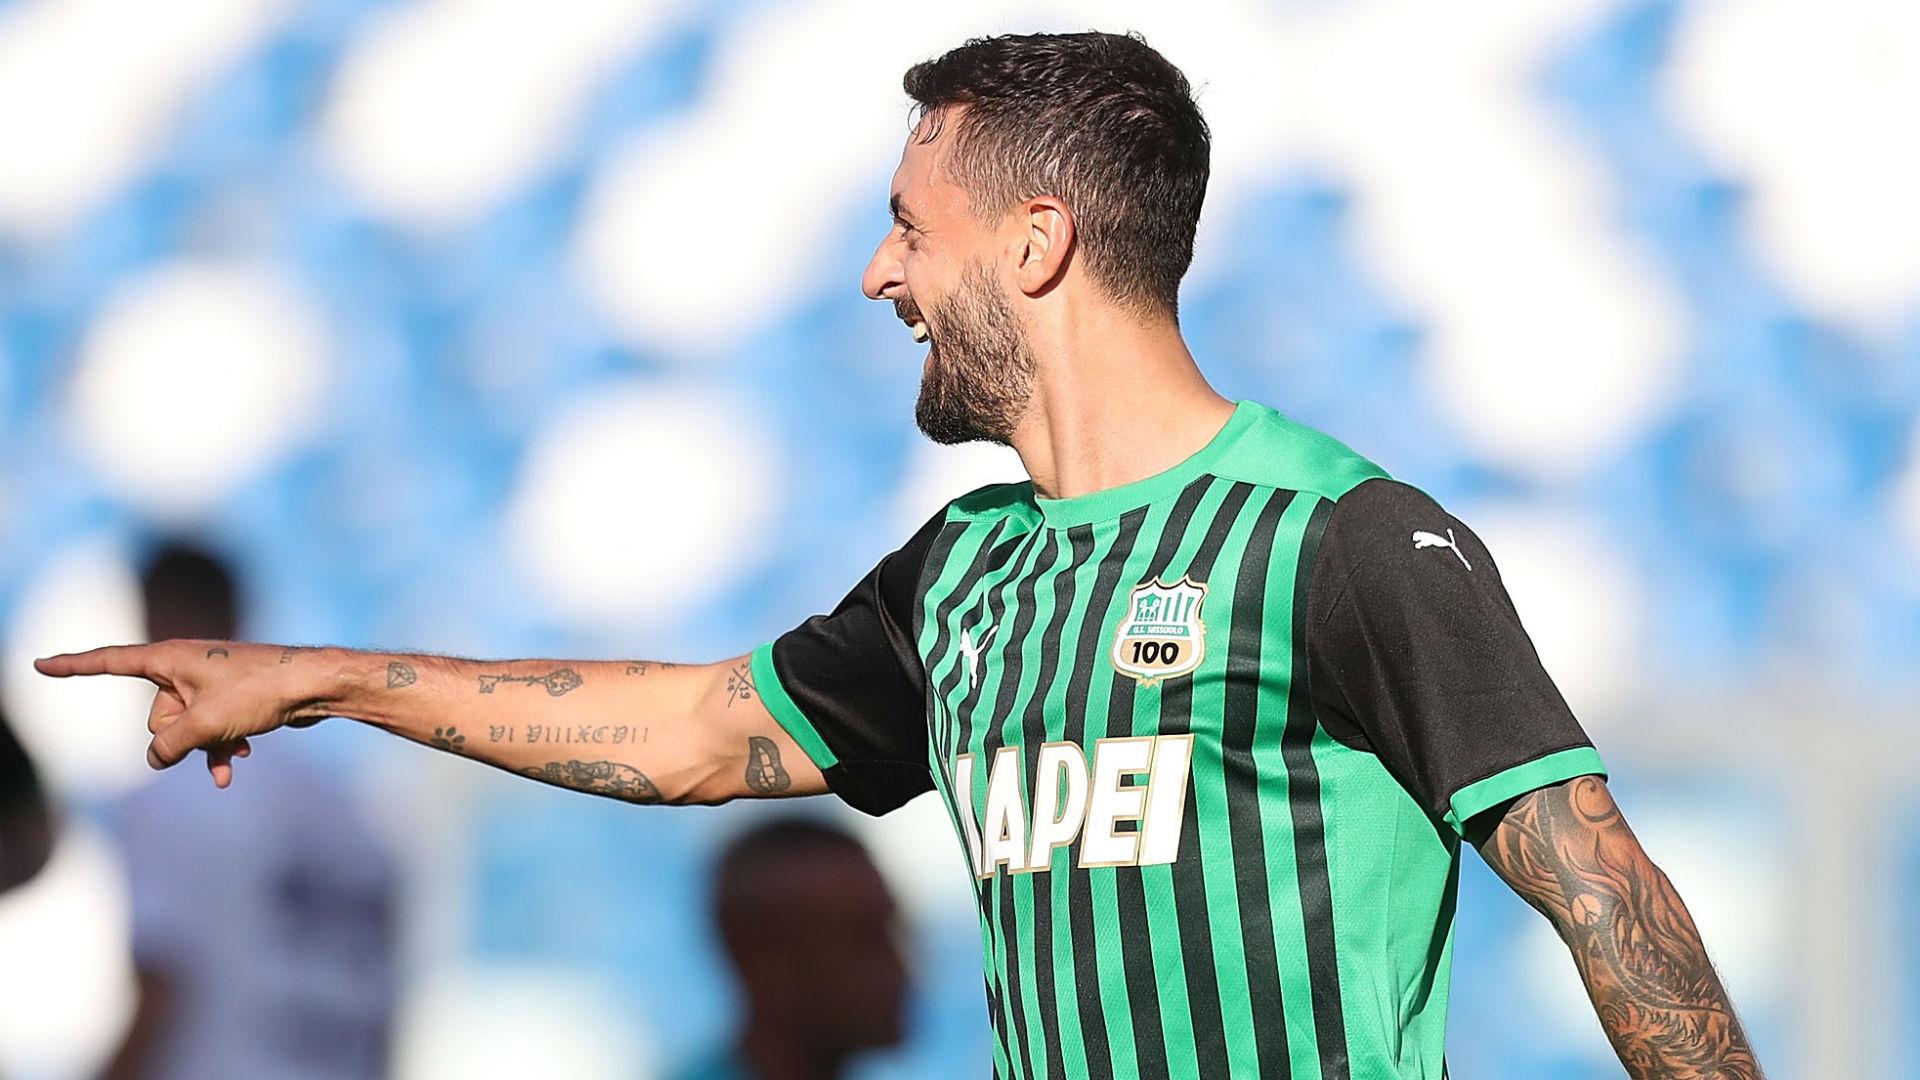 Le probabili formazioni di Sampdoria-Sassuolo: Caputo pronto a tornare titolare in attacco